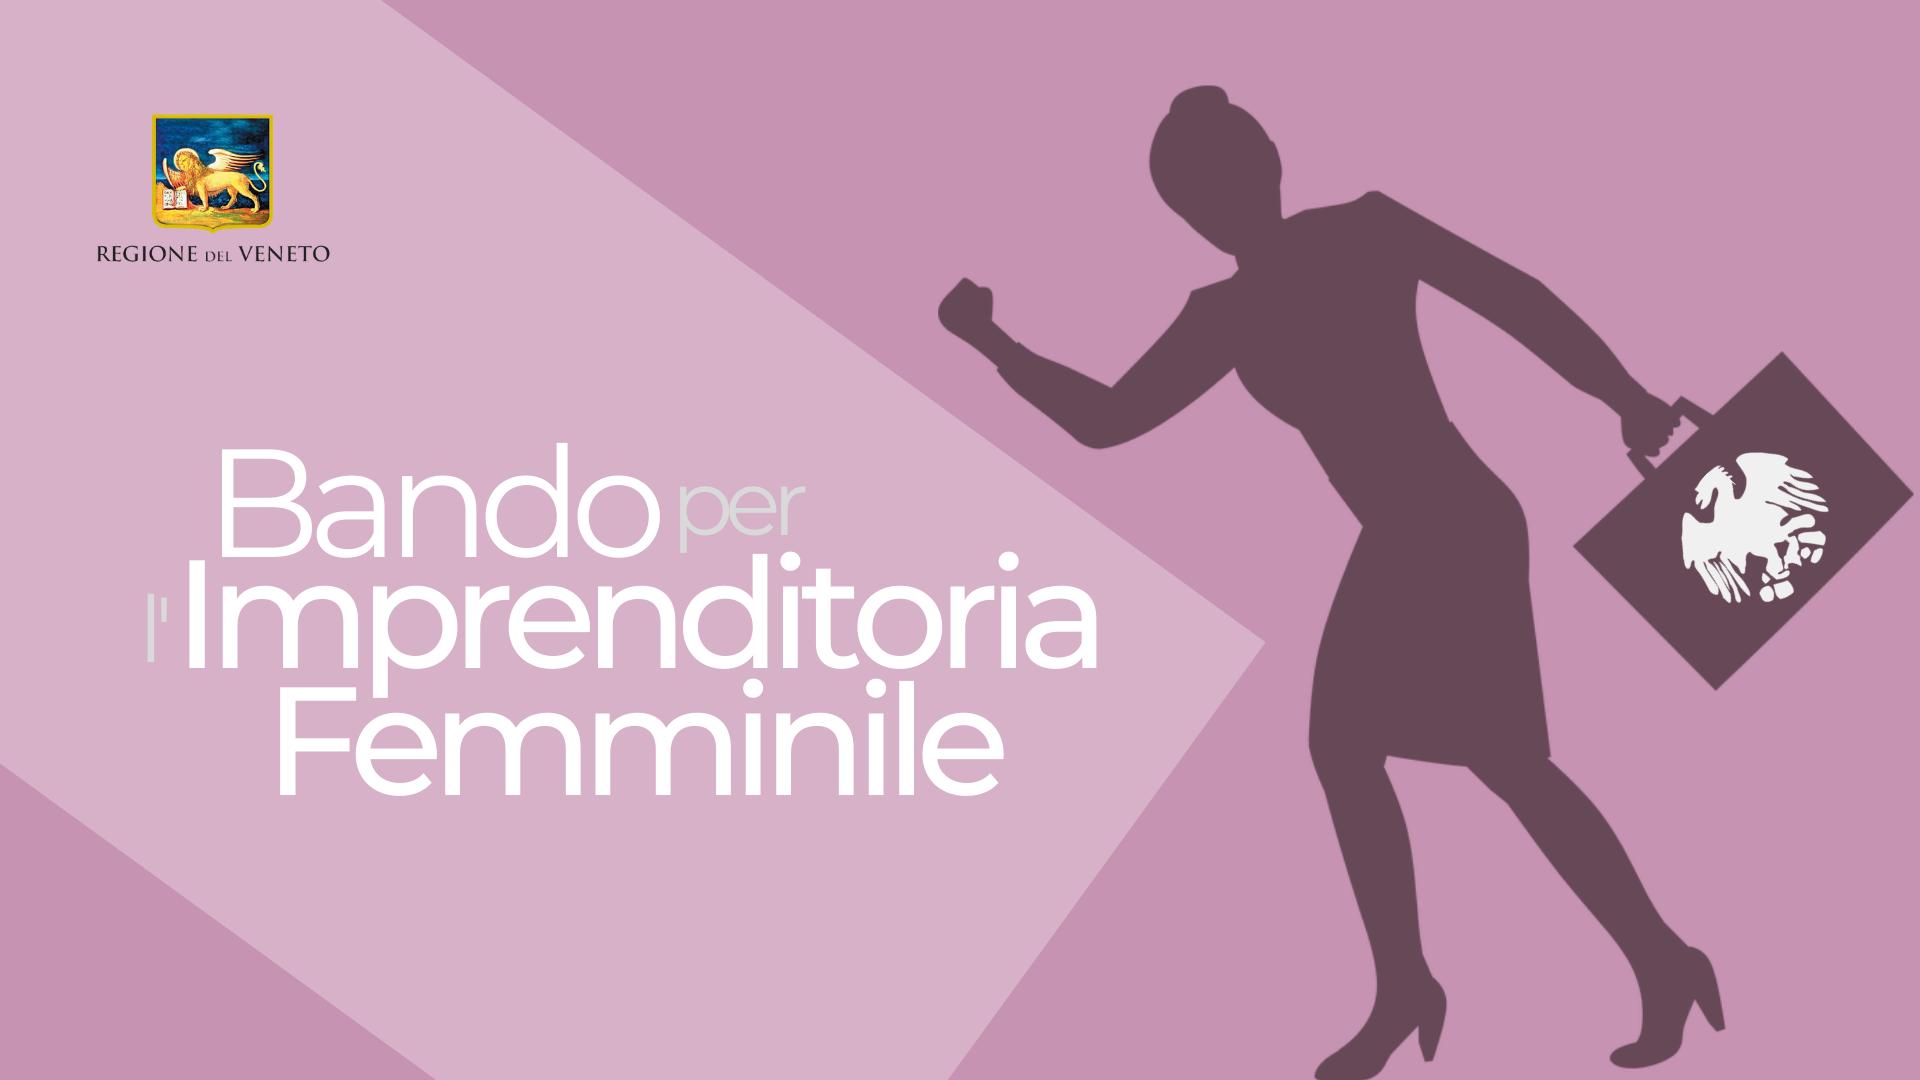 REGIONE VENETO: BANDO PER L'IMPRENDITORIA FEMMINILE